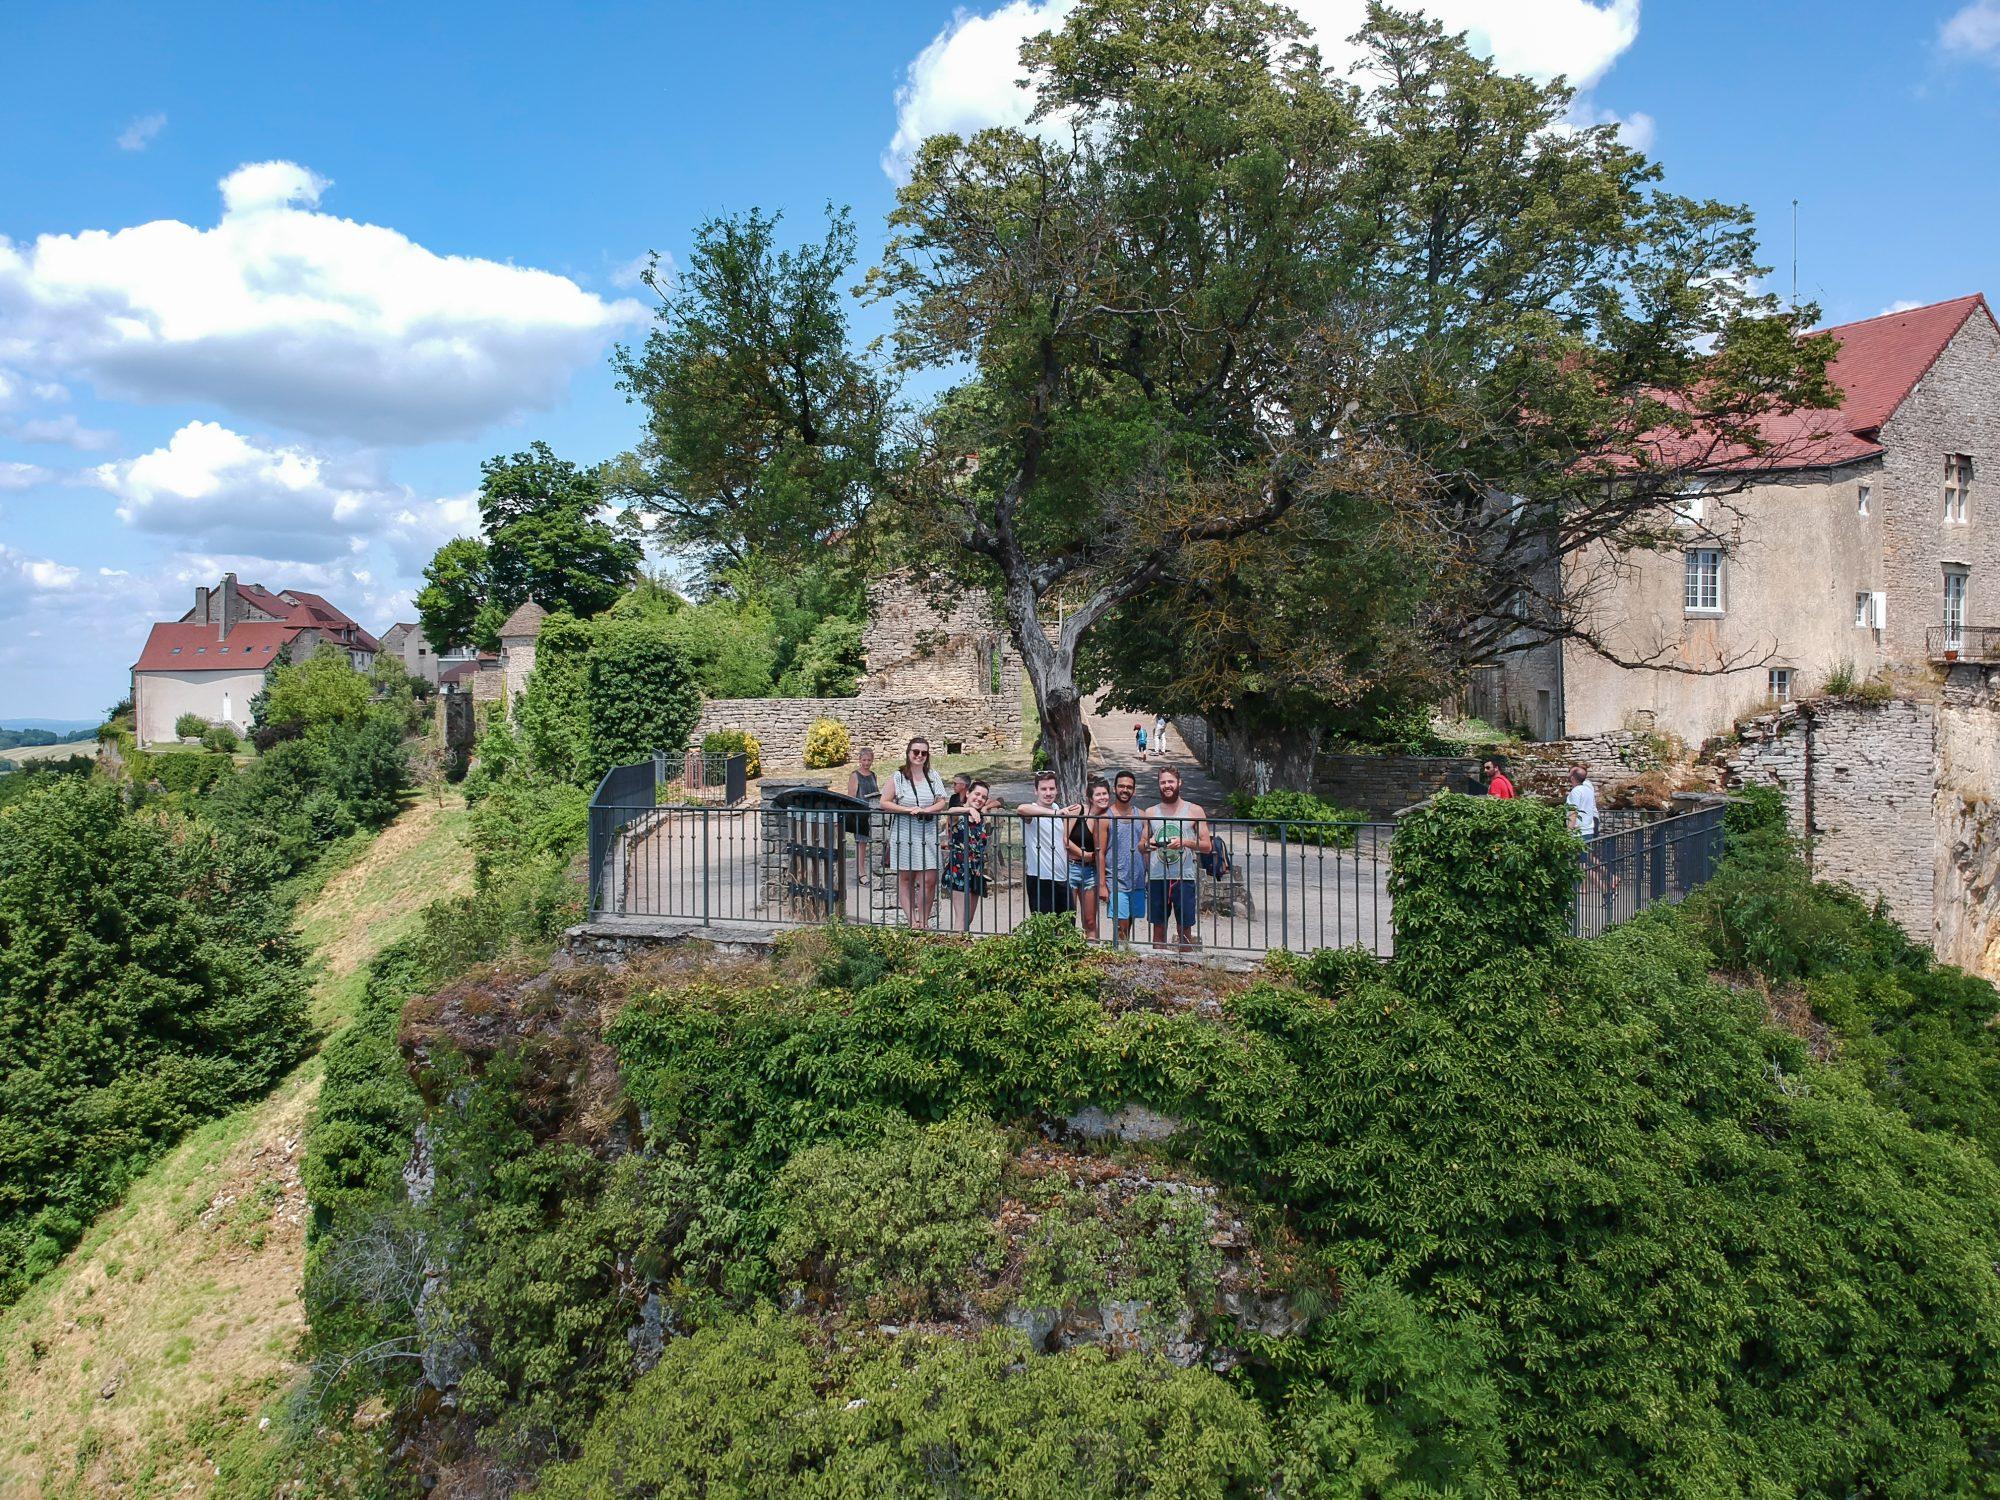 La bande depuis le Belvédère - Château-Chalon, Jura